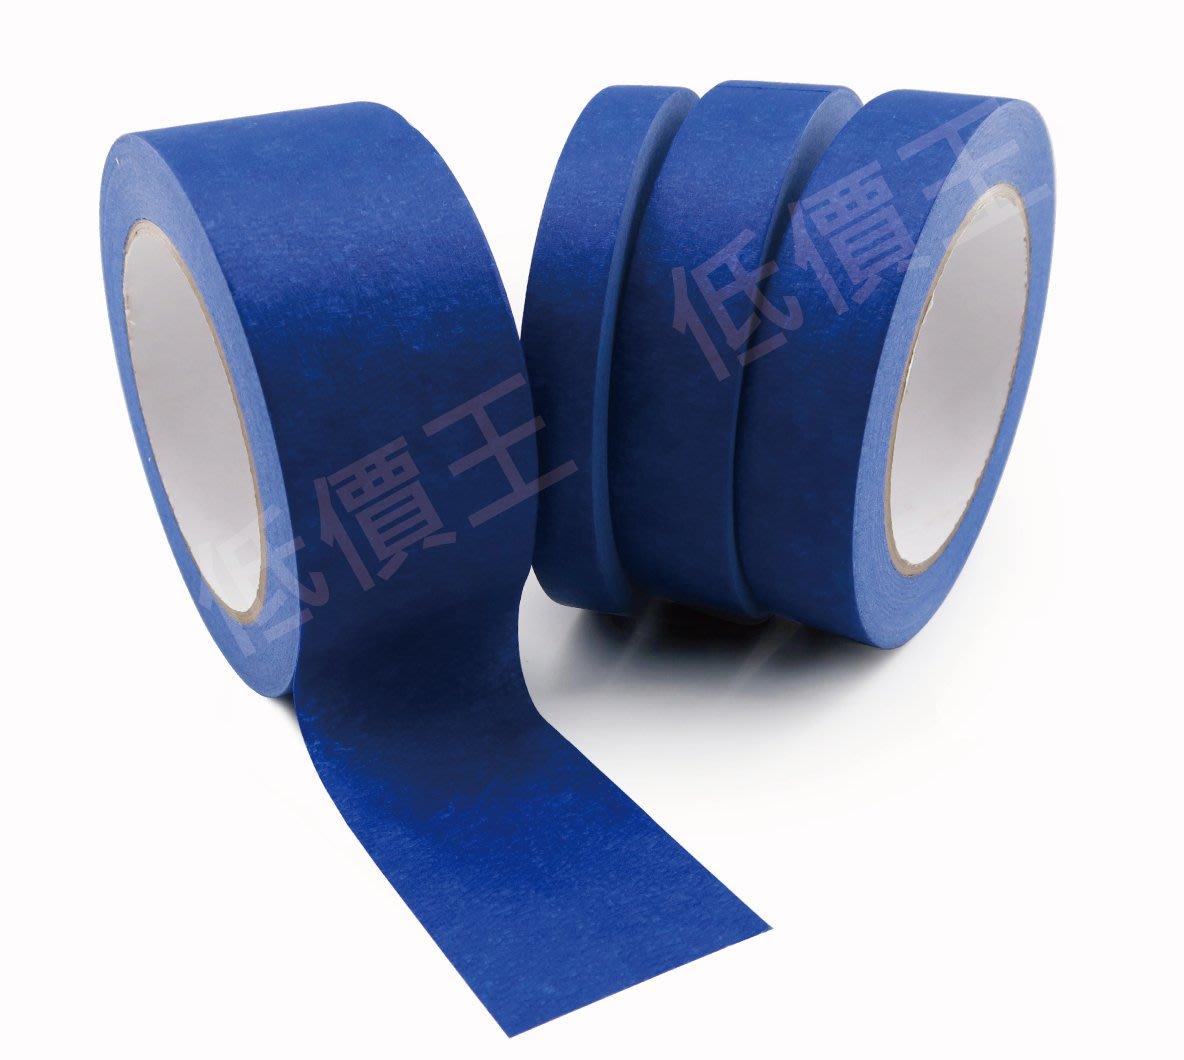 【低價王】MK100B 藍色美紋膠帶 烤漆膠帶 遮蔽膠帶 3D列印膠帶 打印膠帶 3M船舶膠帶【3M 2090姐妹款】